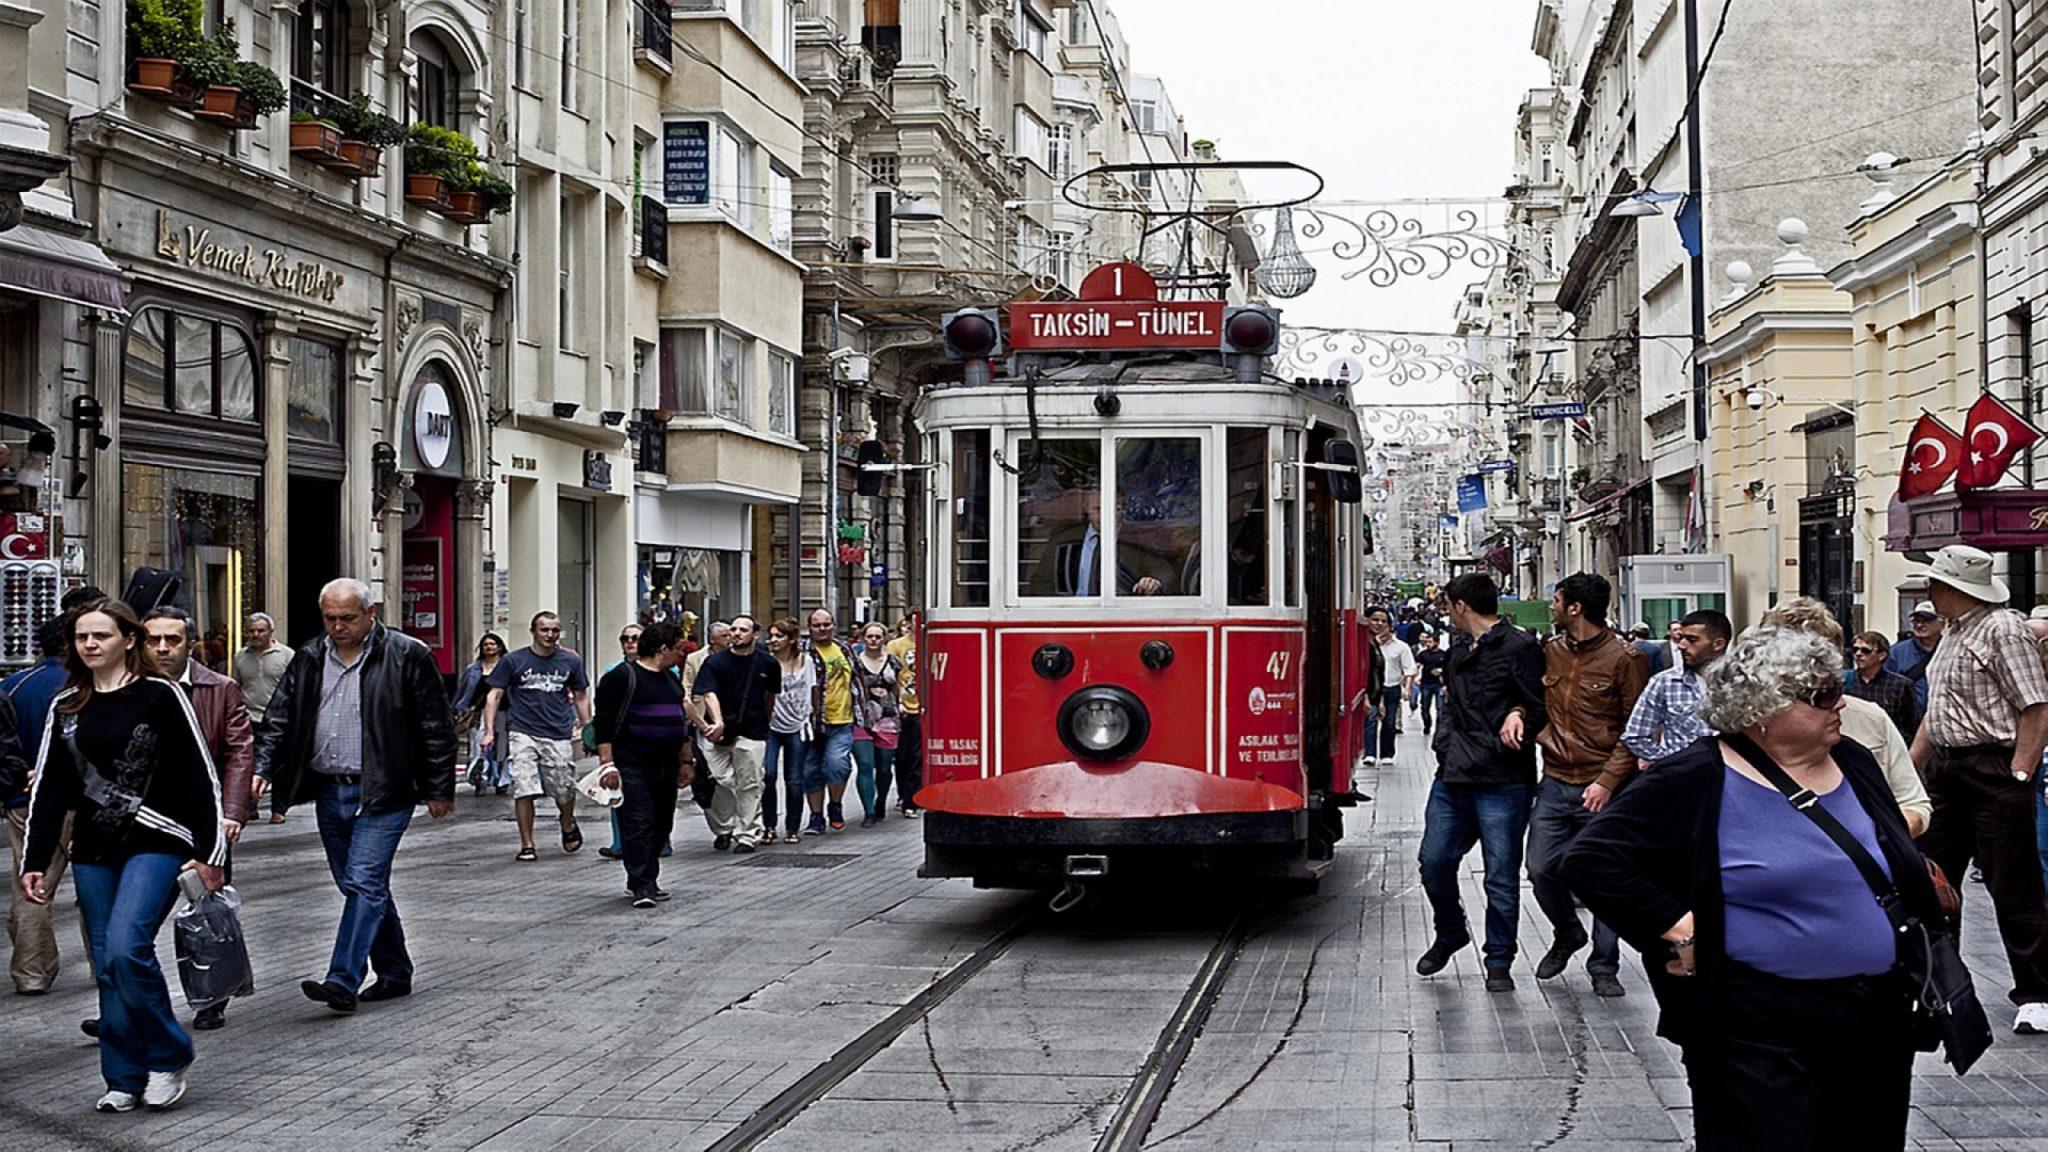 Mutluluk ekonomisi: İstanbul'da 8 bin TL gelir mutluluk, üstü stres kaynağı